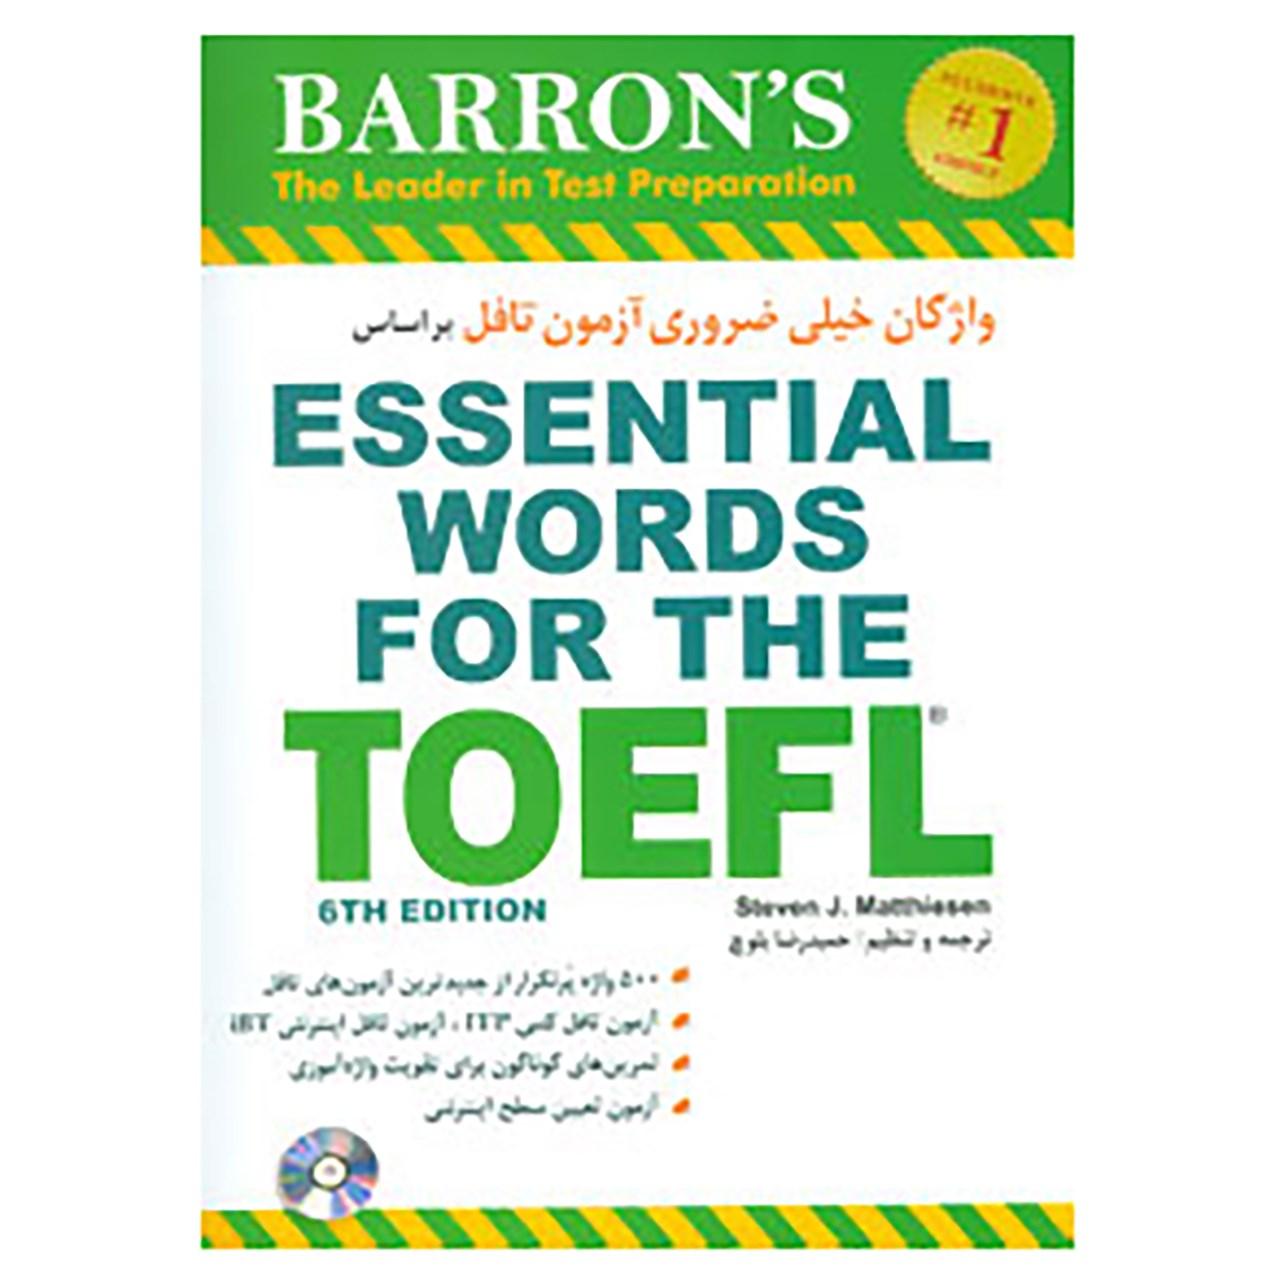 خرید                      کتاب واژگان خیلی ضروری آزمون تافل بر اساس ESSENTIAL WORDS FOR THE TOEFL اثر استیون ج.ماتیسن